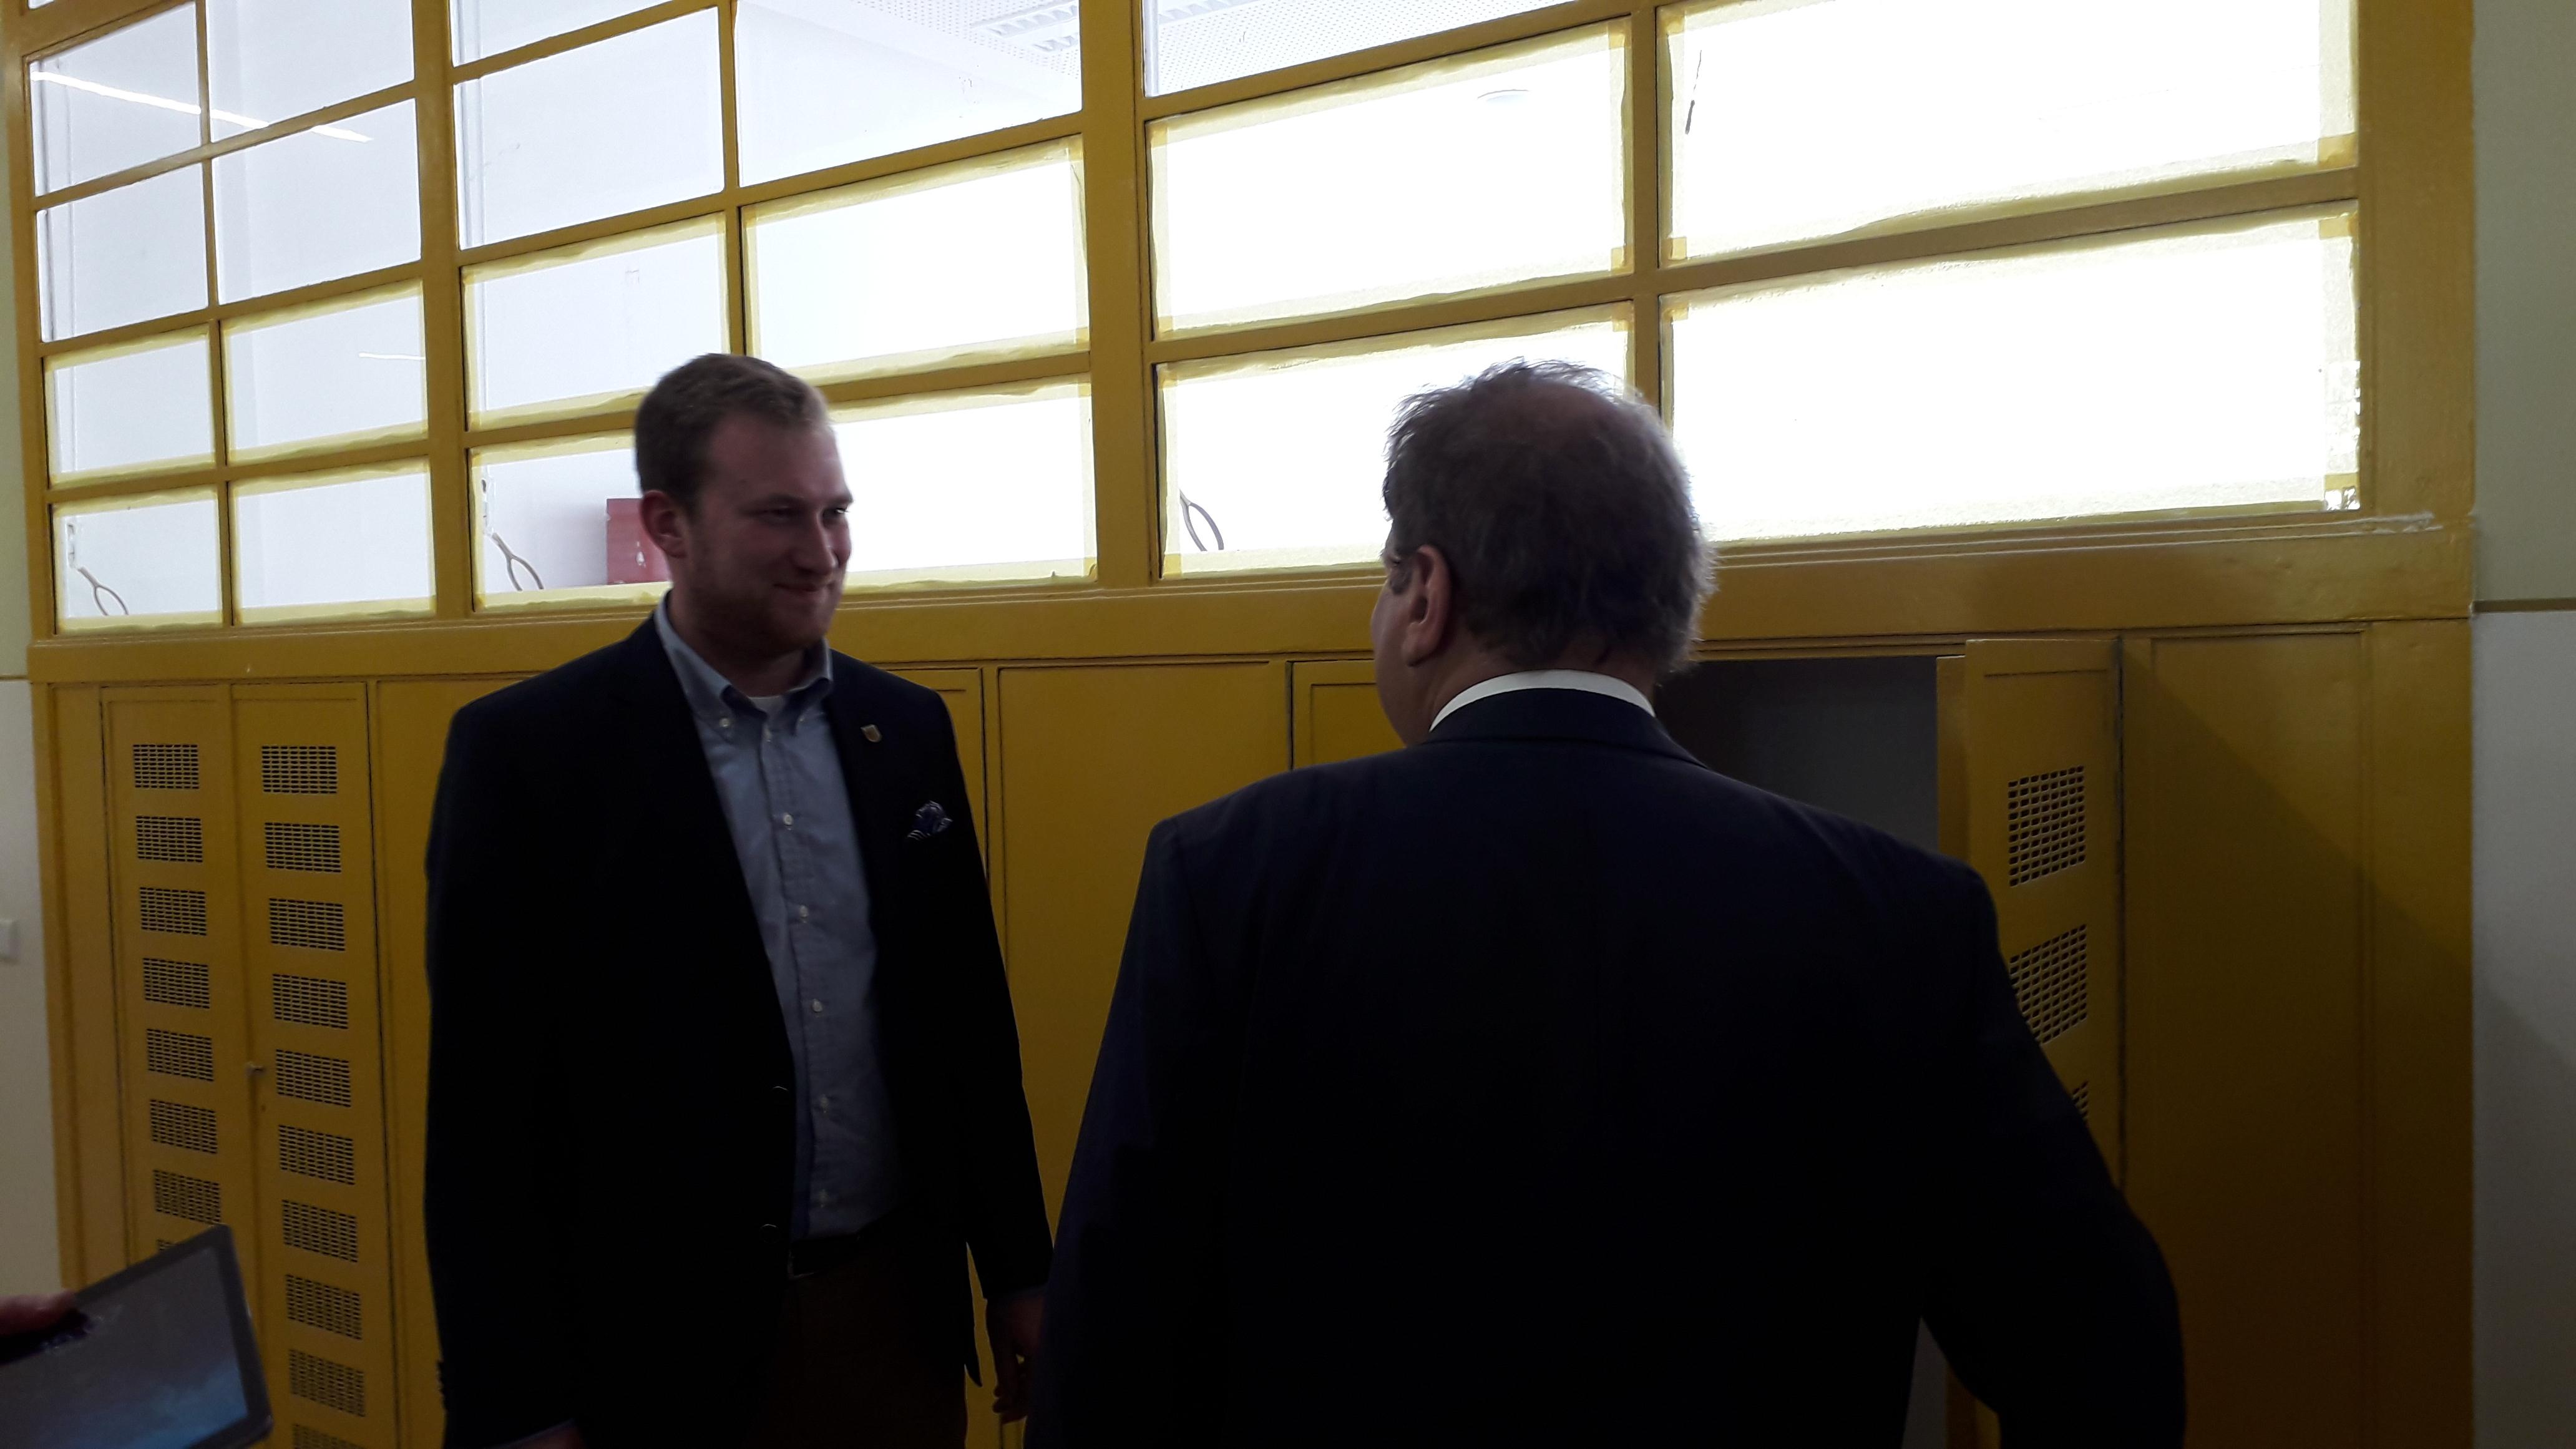 Michael Weickert schaut sich mit Prof. Fabian die Spinde an in derOberschule Ratzelstraße